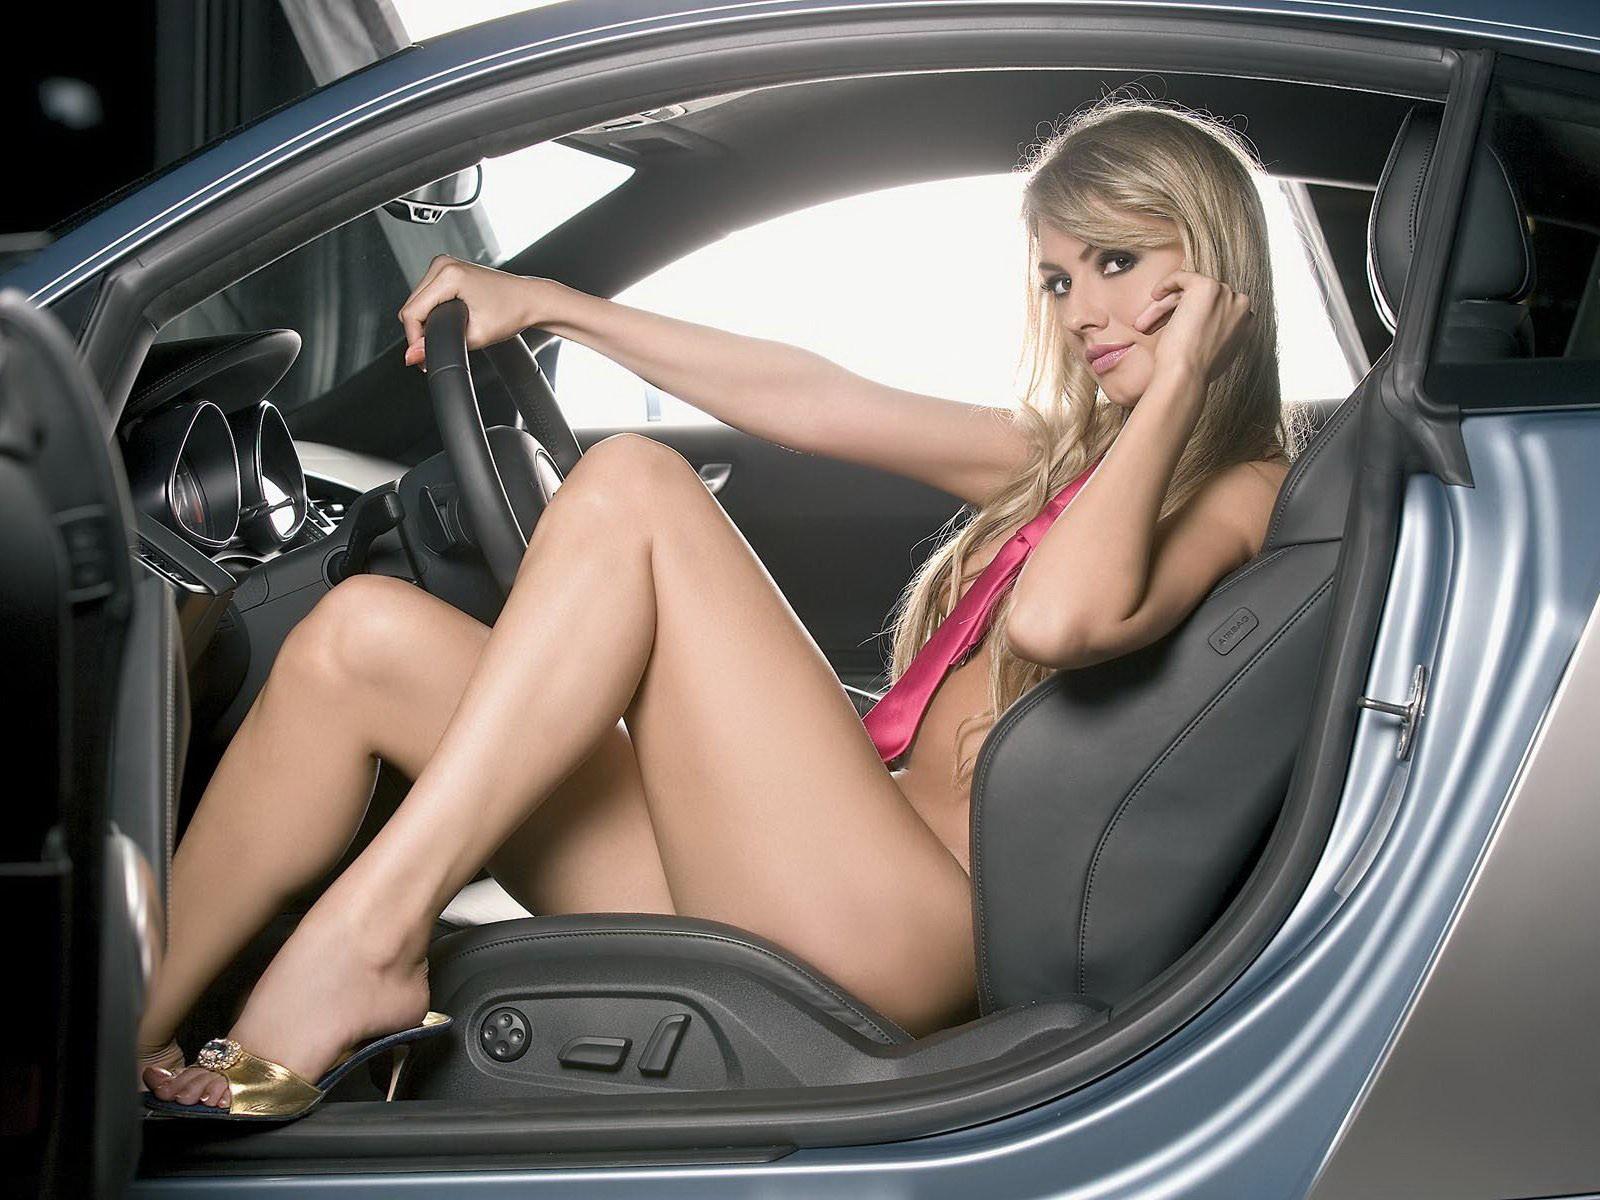 Фото секса в машинах, Секс в машине со шлюхой (26 фото) 19 фотография